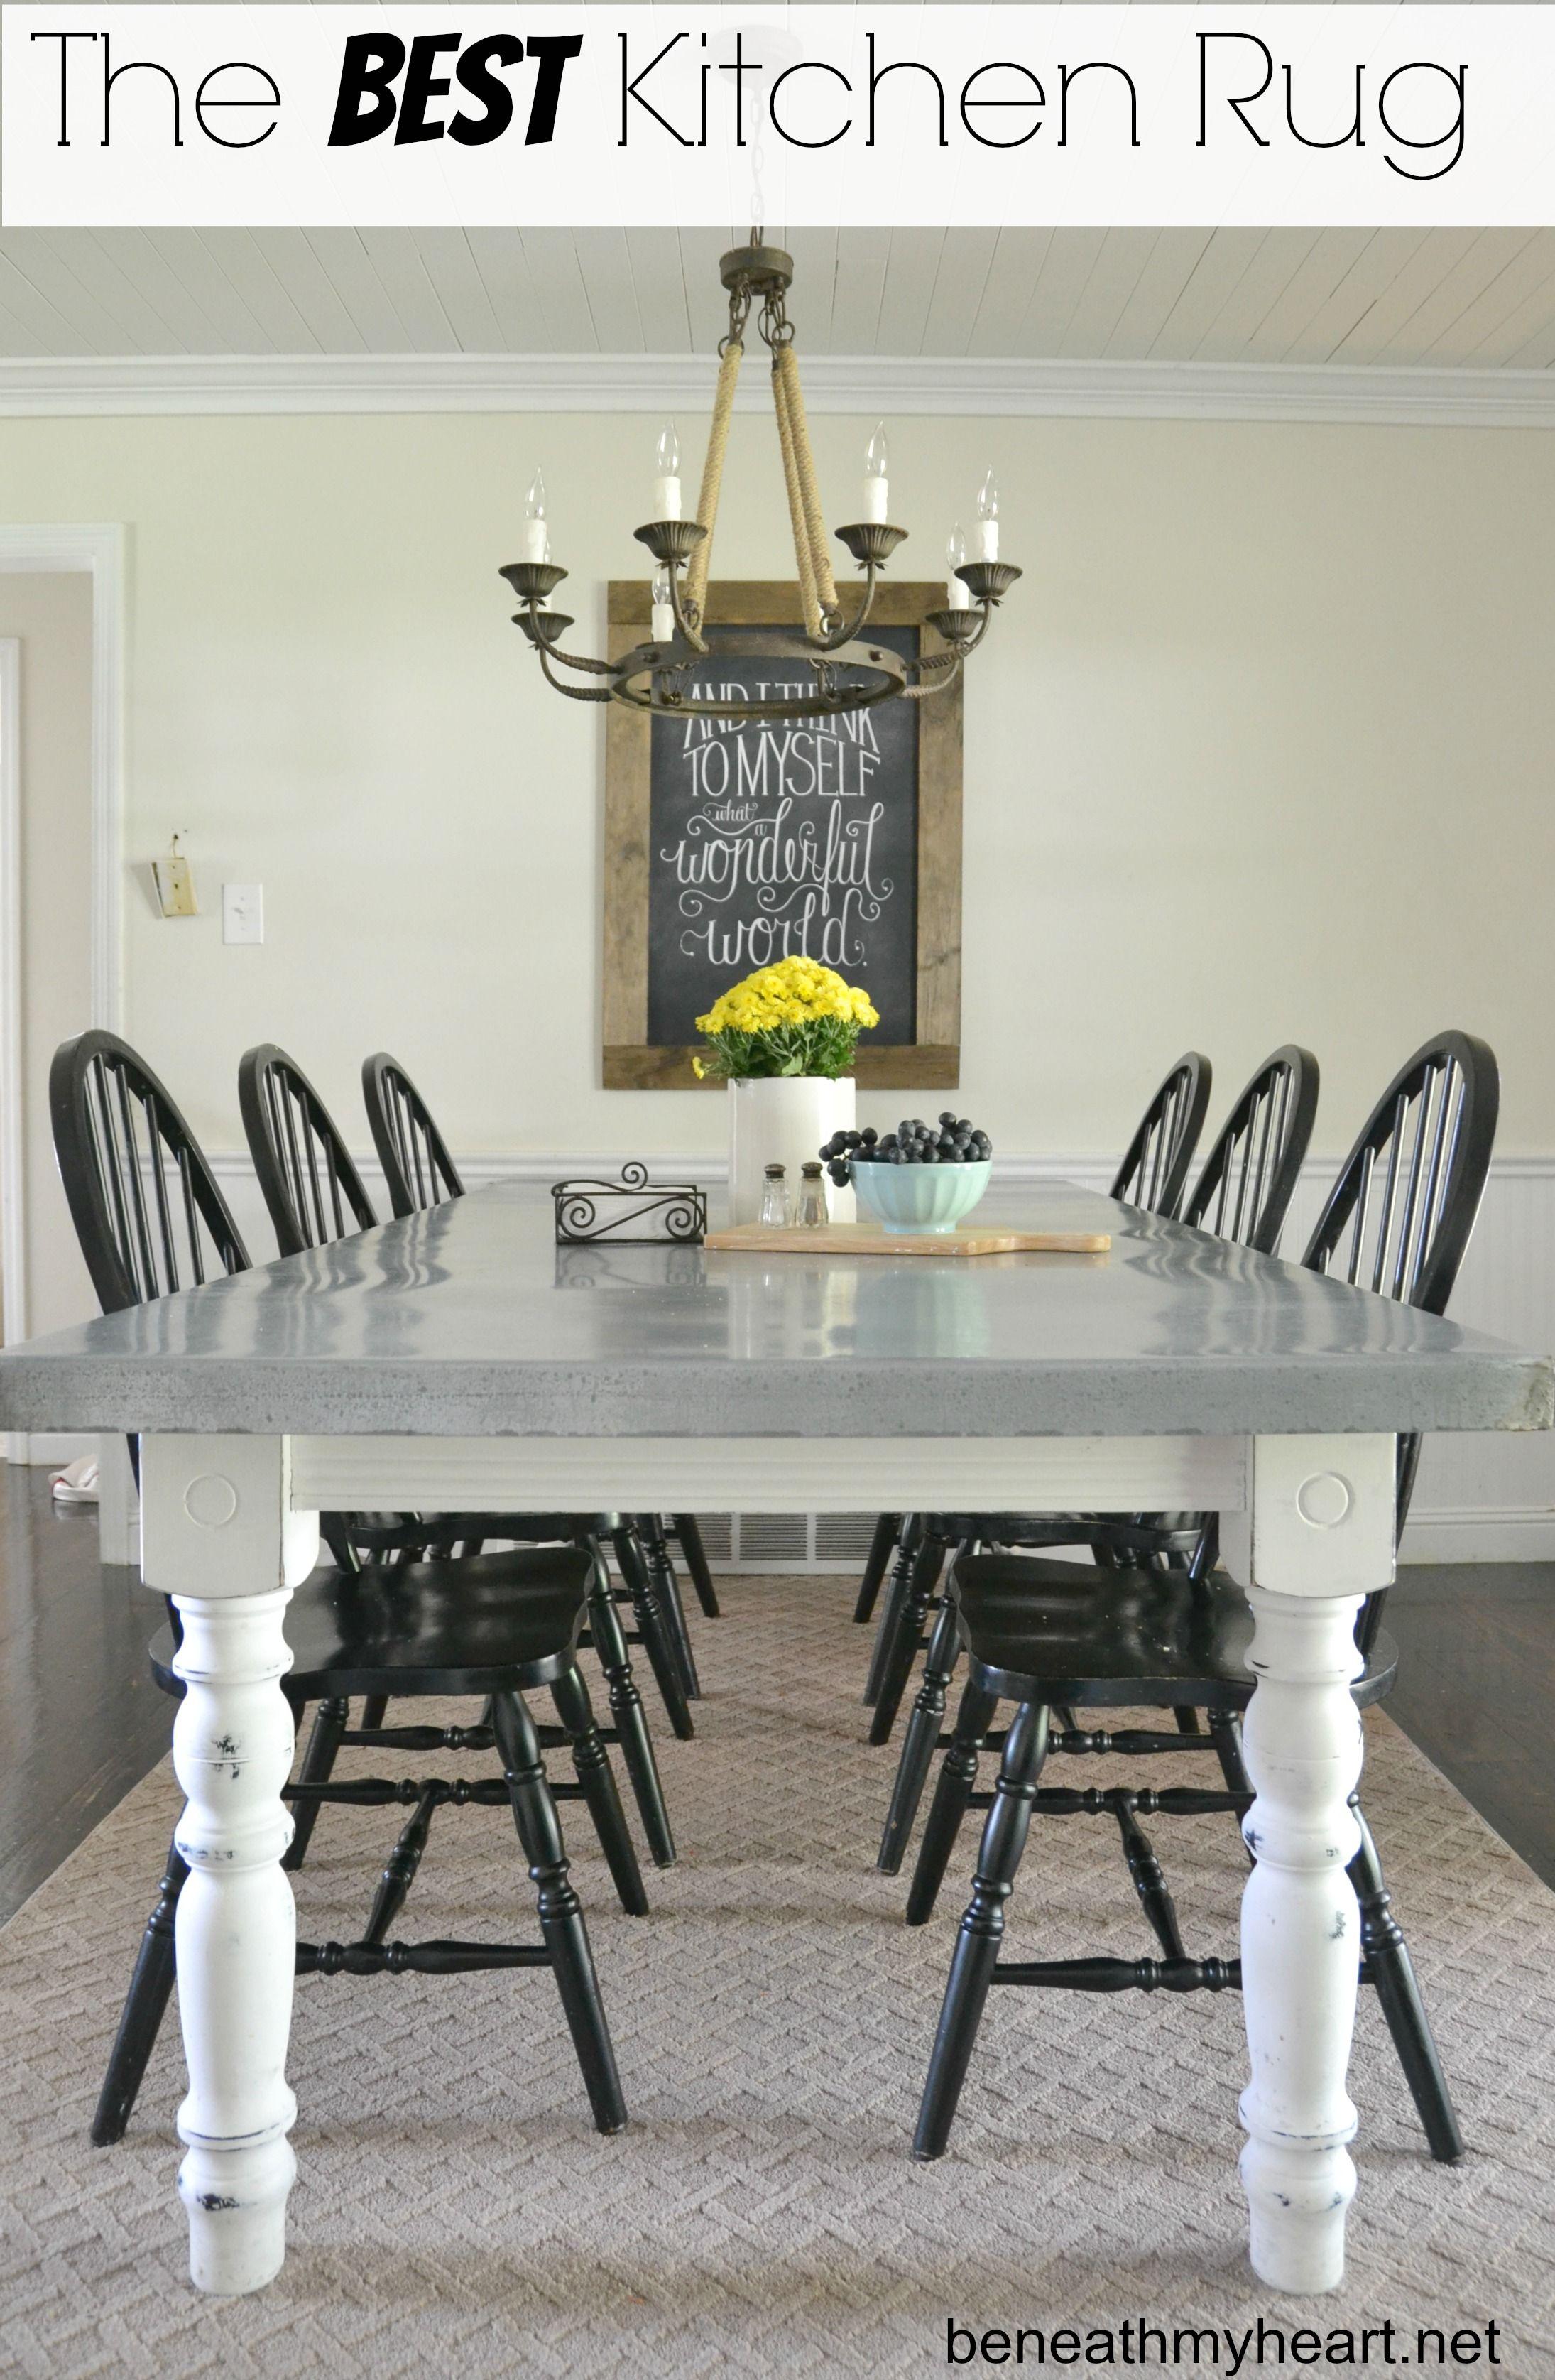 My Favorite Kitchen Rug (bound carpet | Painted kitchen ...